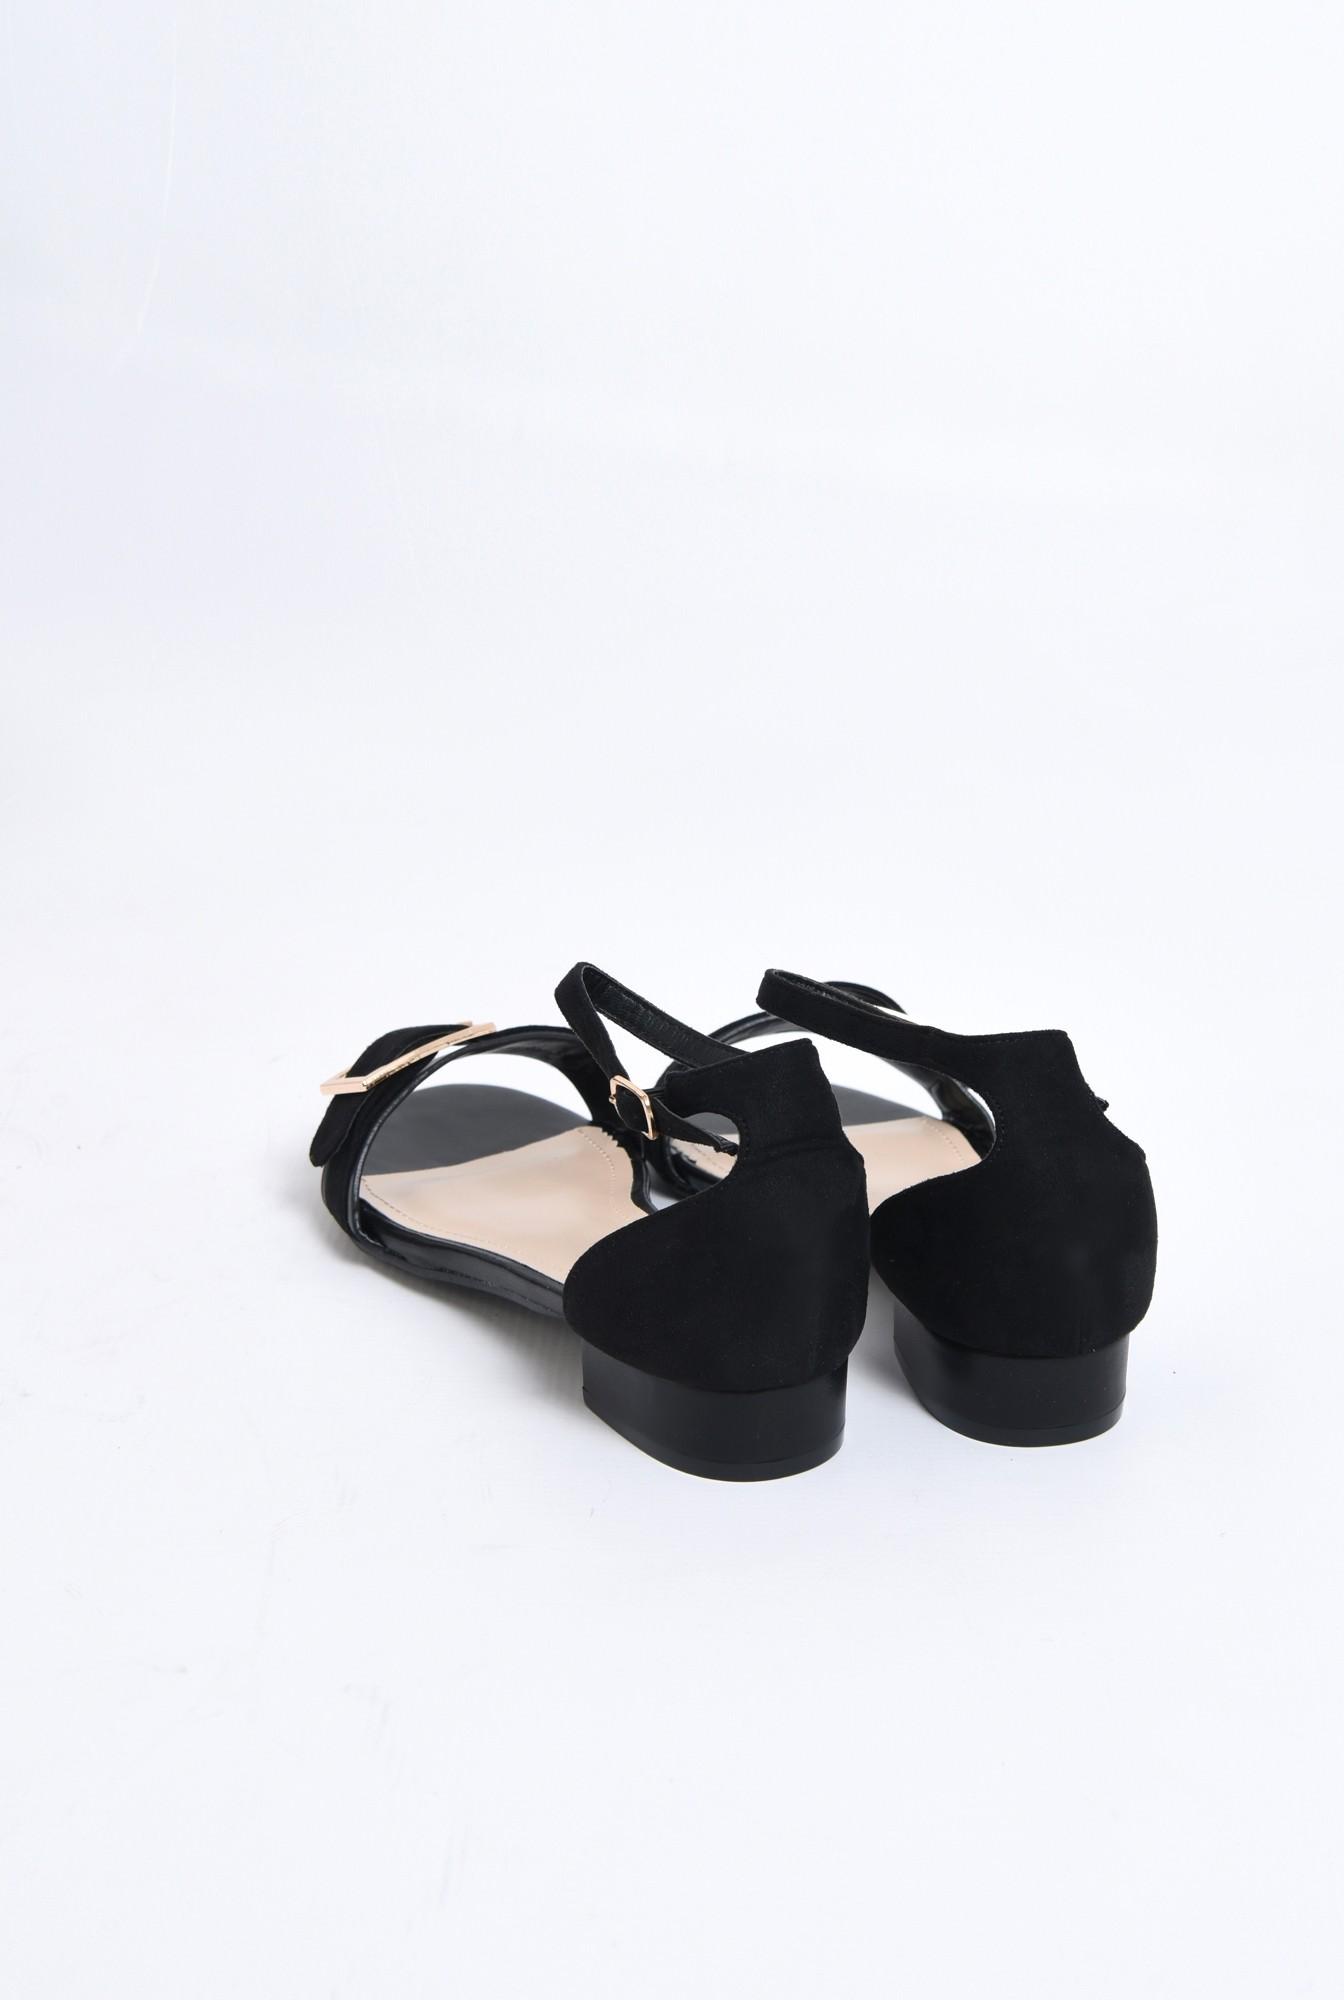 3 - sandale comode, cu talpa joasa, negre, din velur, catarama decorativa aurie